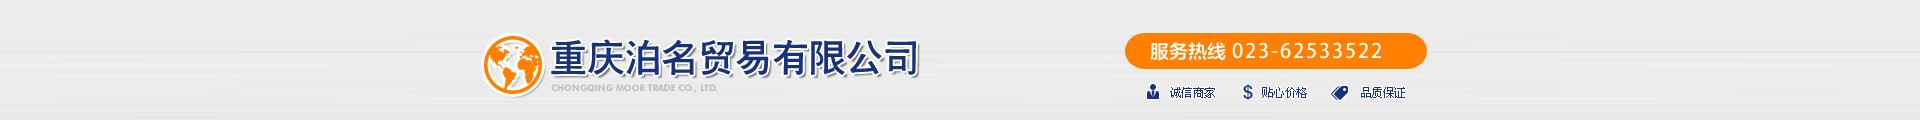 重慶泊名貿易有限公司